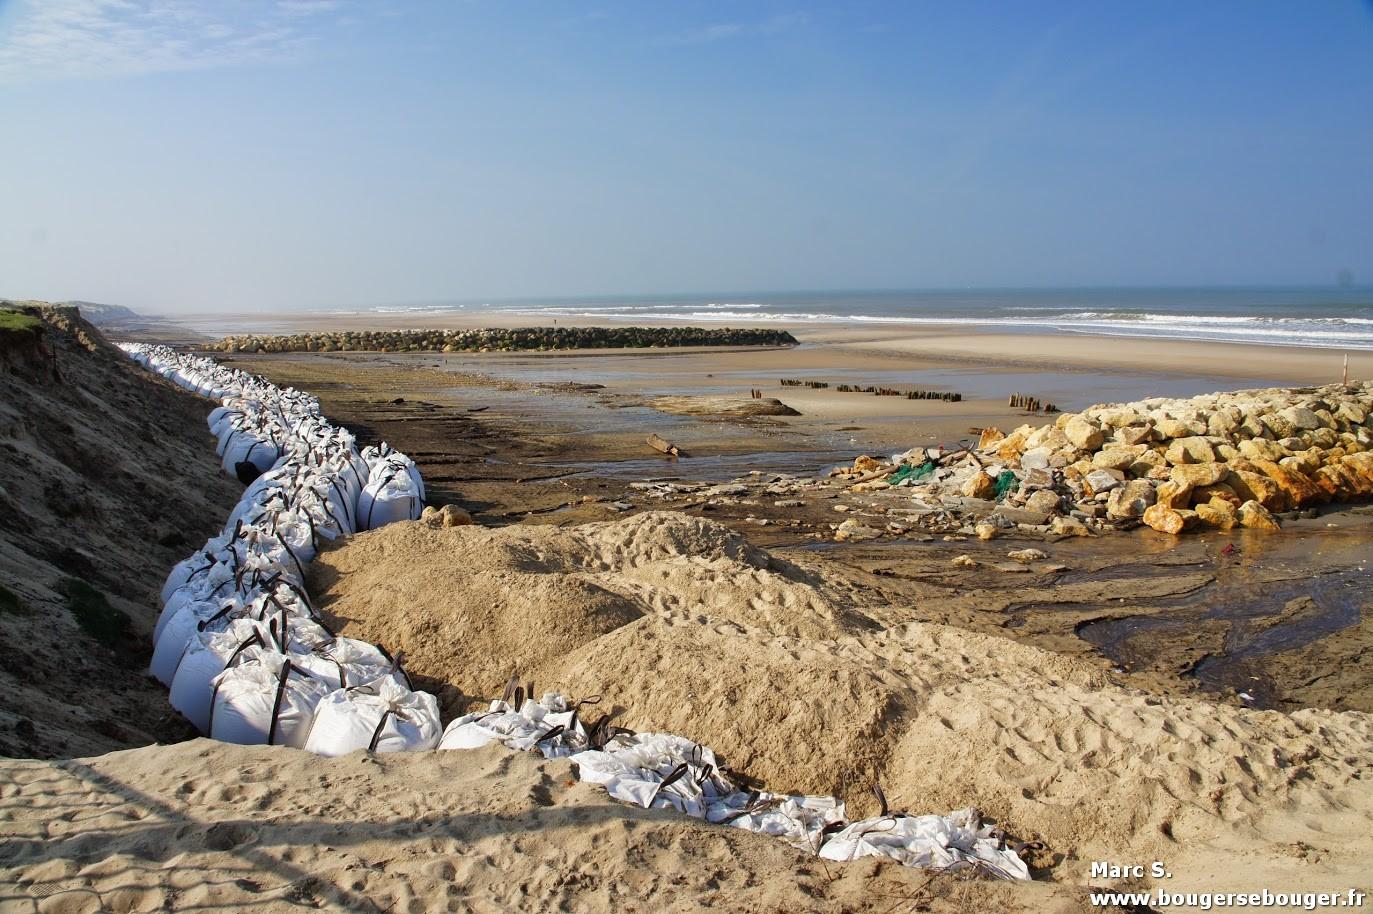 Lors d'une rando vélo entre Charentes, Saintonge et Médoc, vue de la plage de Soulac-su-Mer en avril 2014, quelques semaines après une tempête ayant ravagé la dune et la jetée.